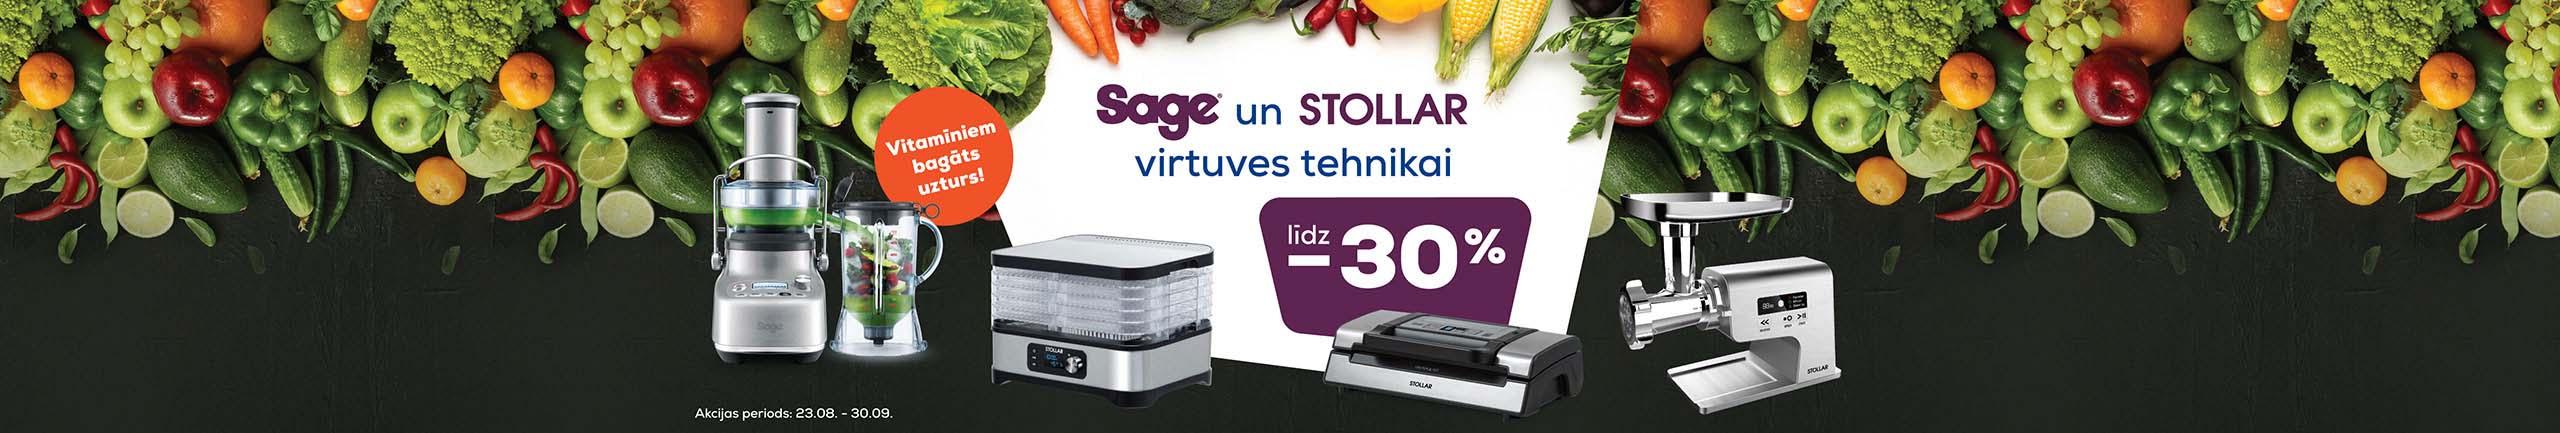 FPS Sage/stollar